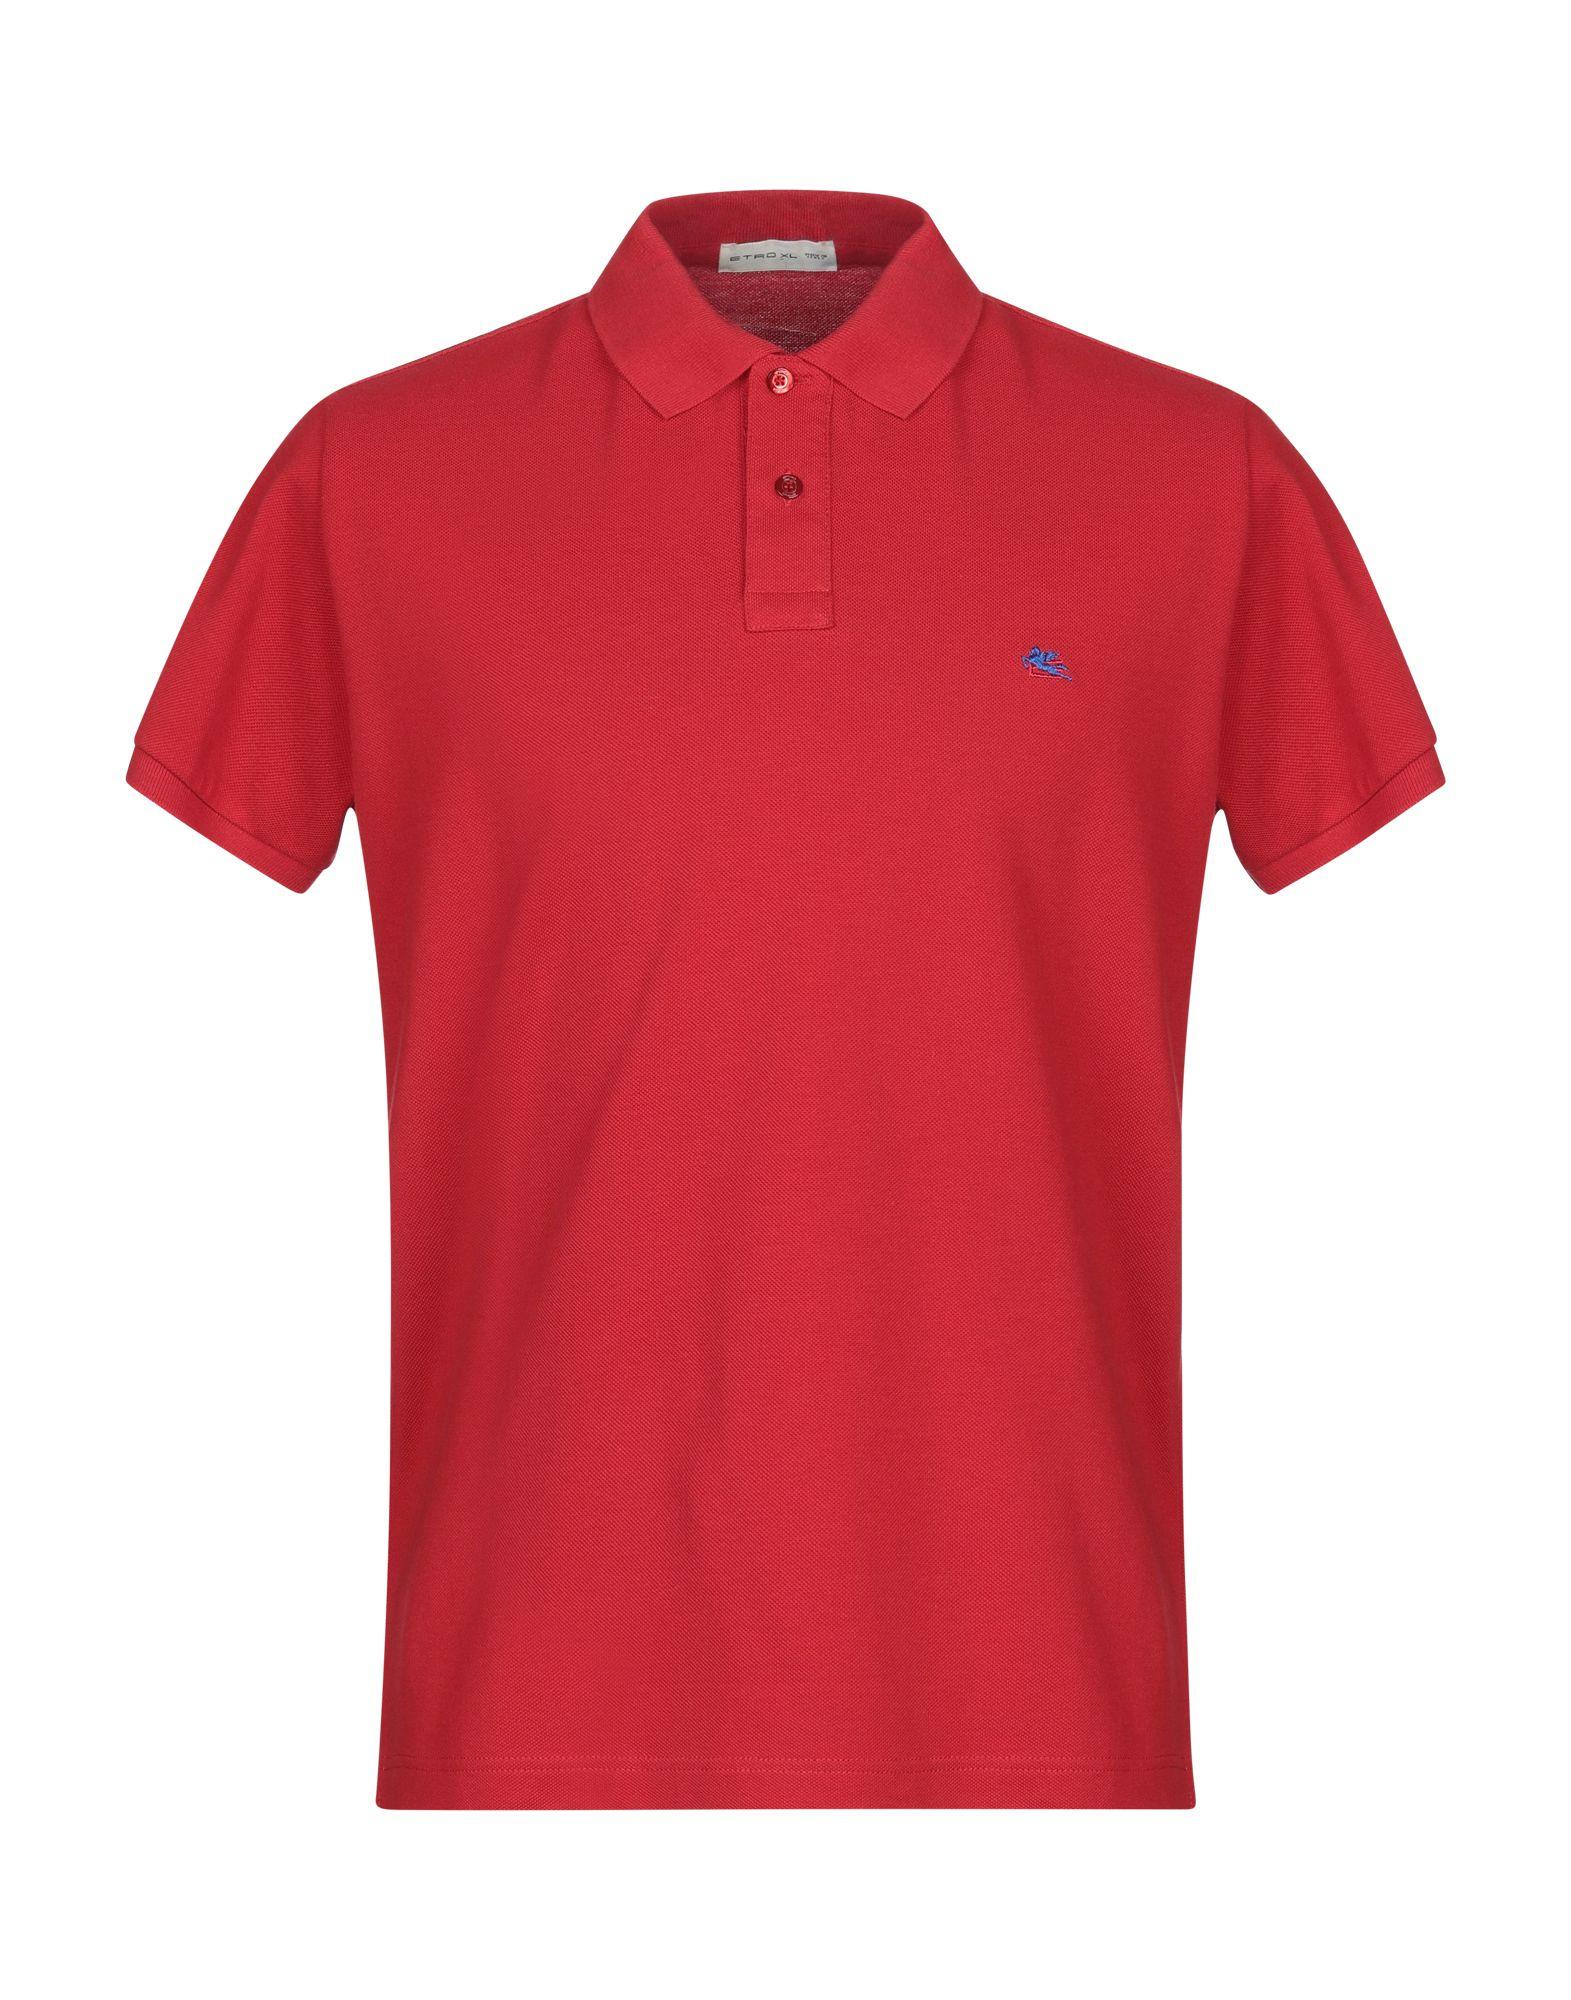 《送料無料》ETRO メンズ ポロシャツ レッド XL コットン 100%